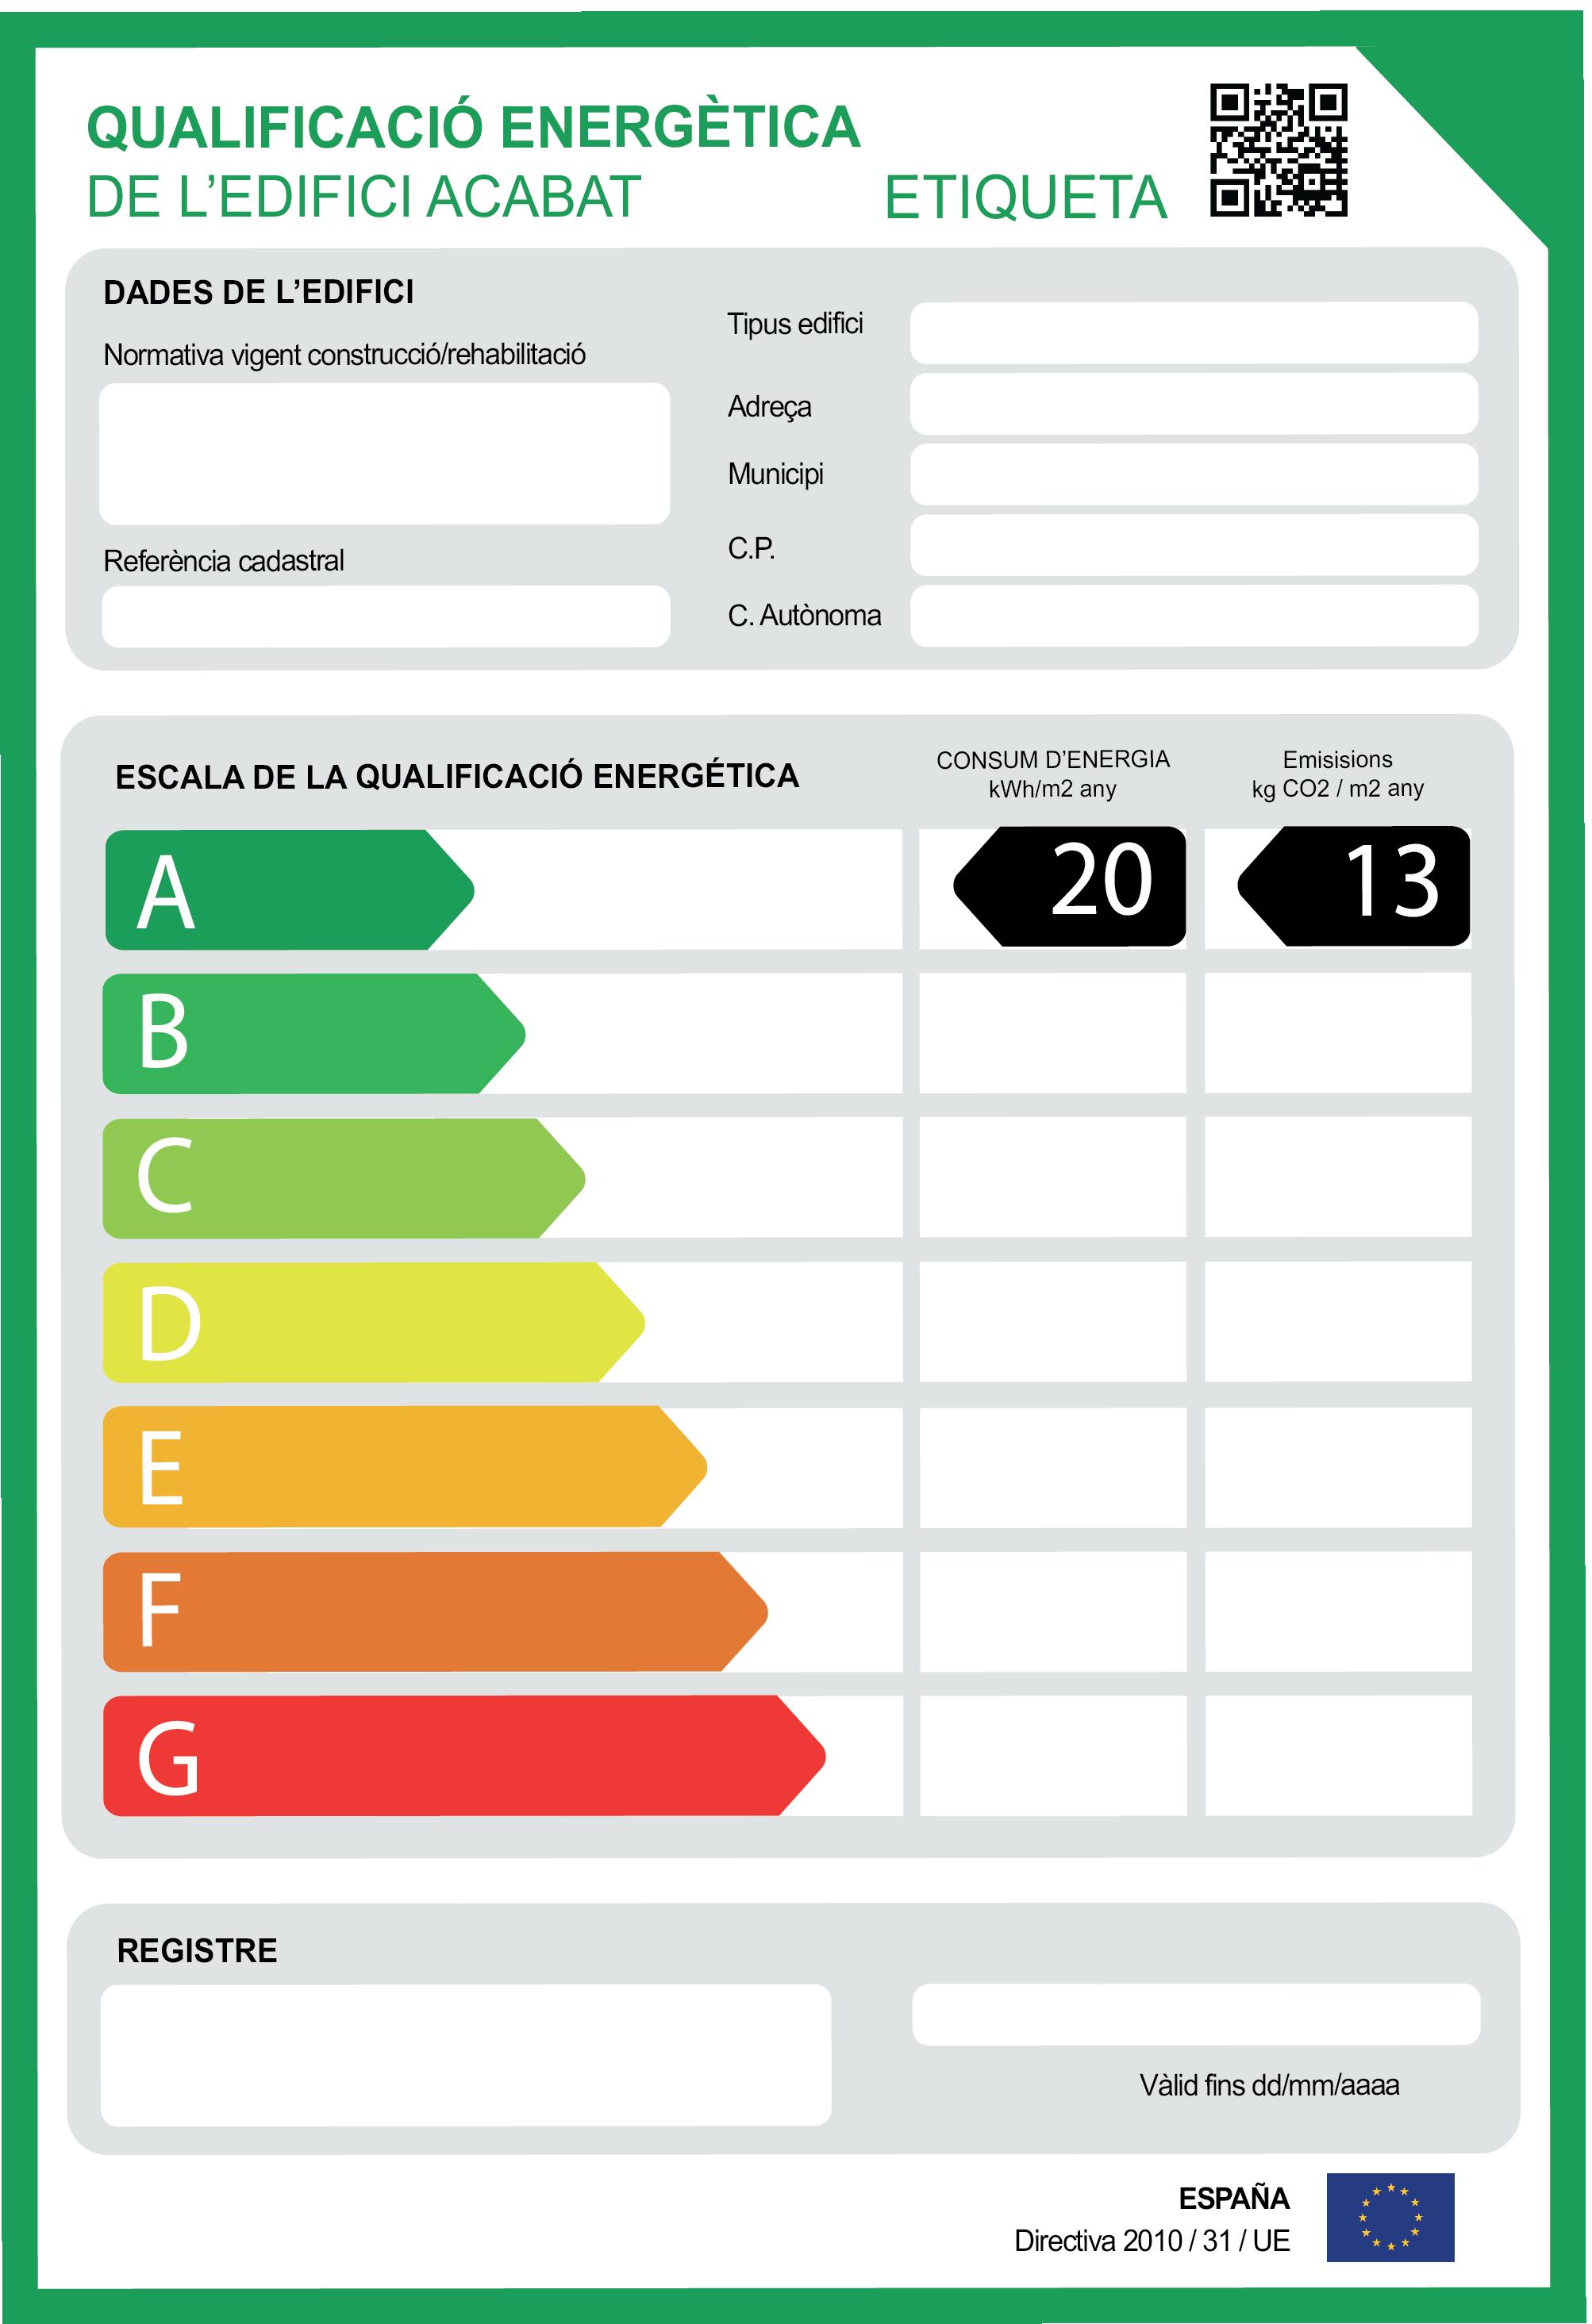 Etiqueta-Energetica-SEDNA (1)